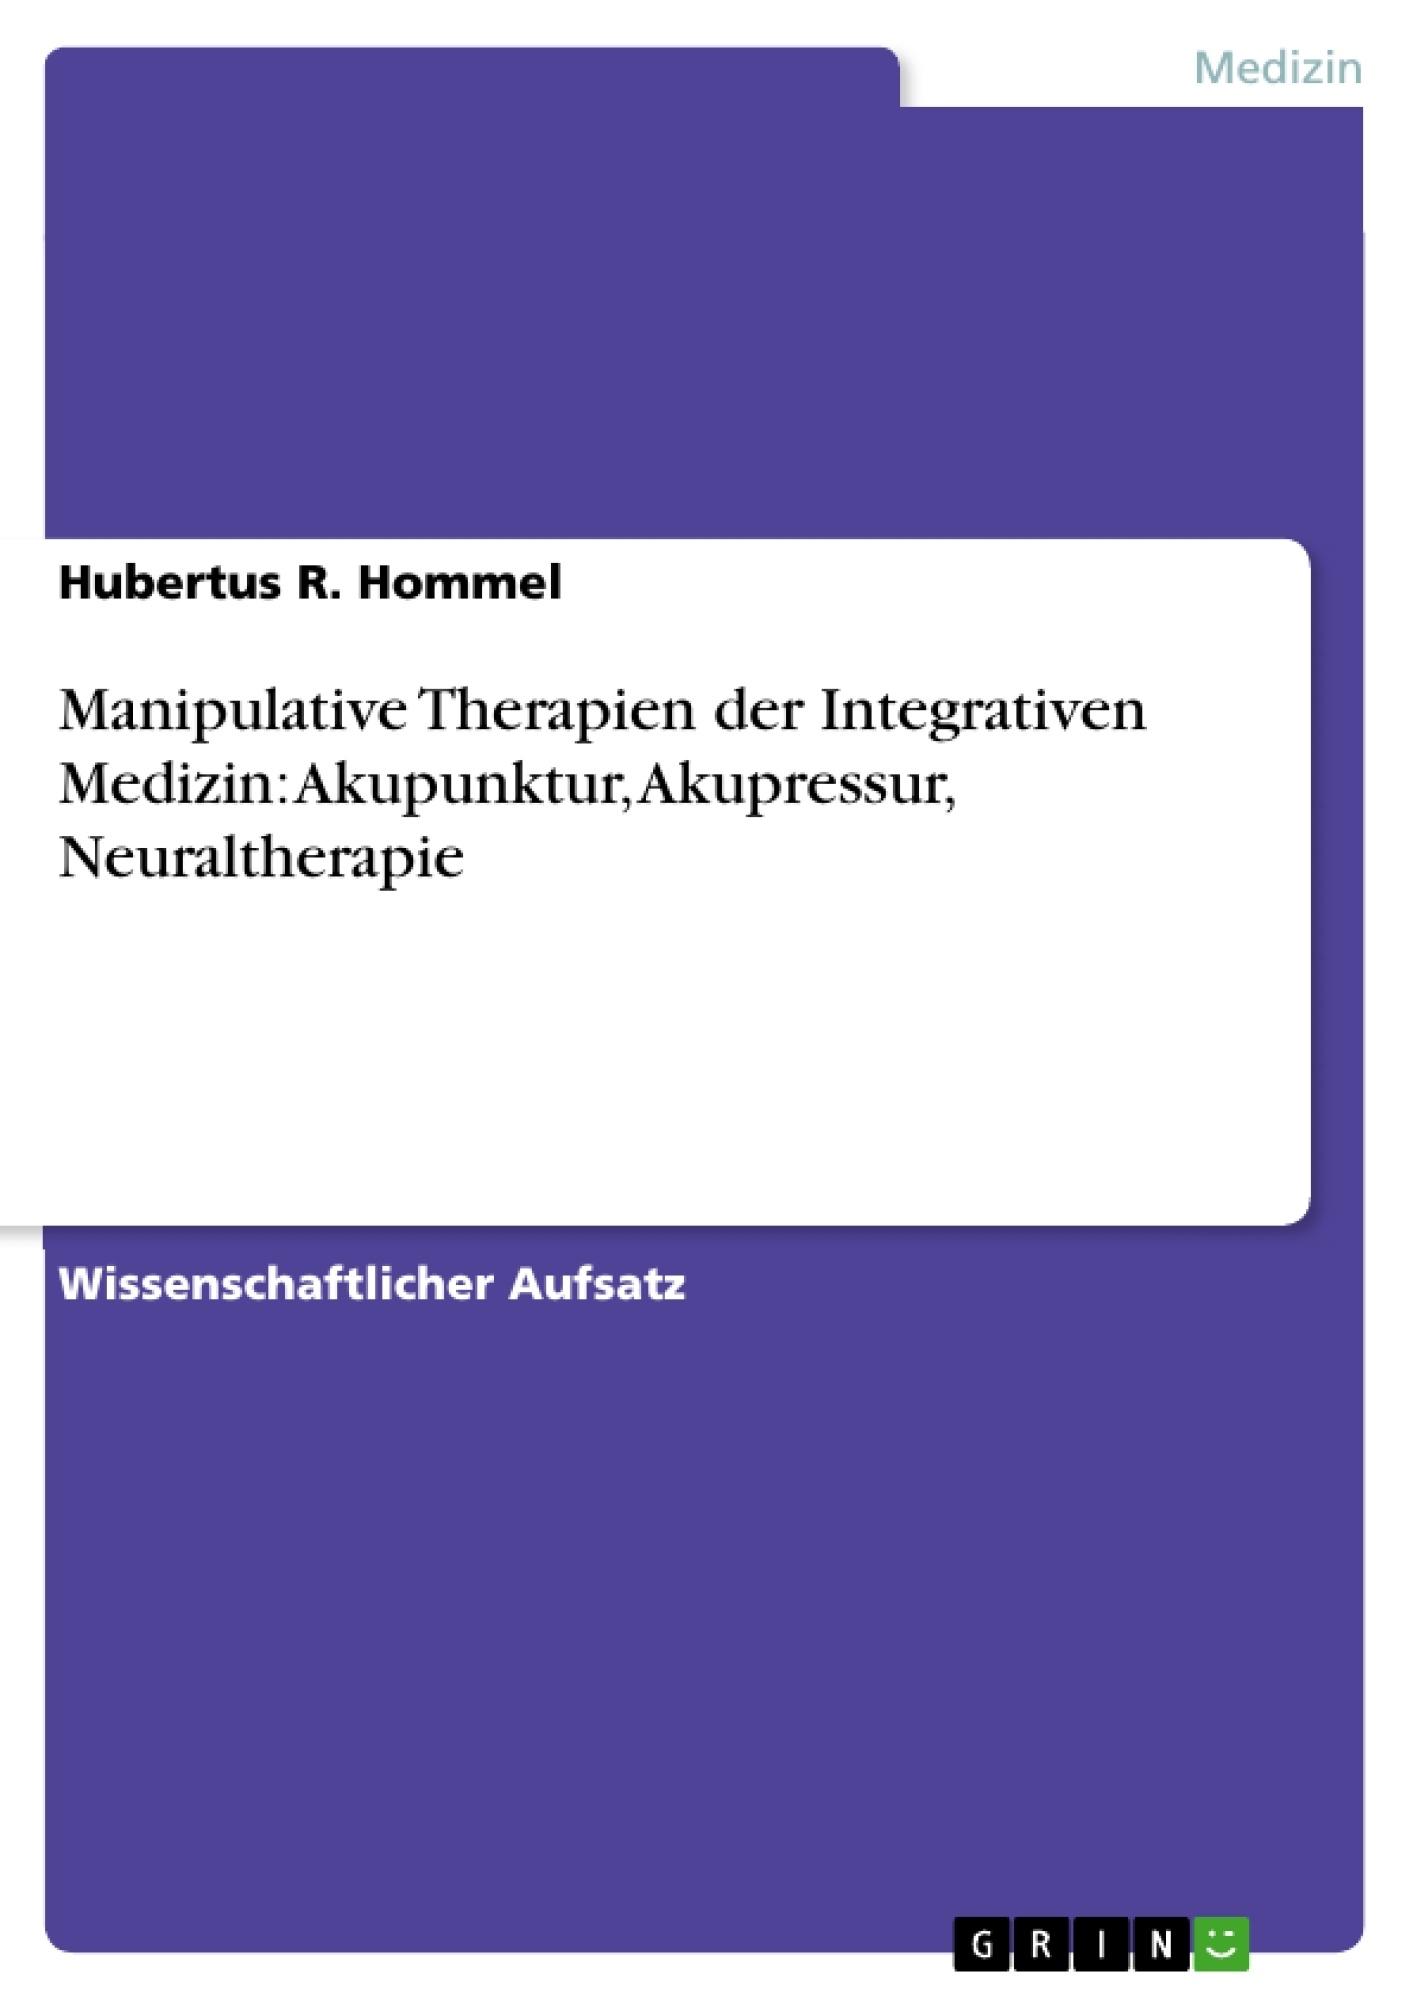 Titel: Manipulative Therapien der Integrativen Medizin: Akupunktur, Akupressur, Neuraltherapie